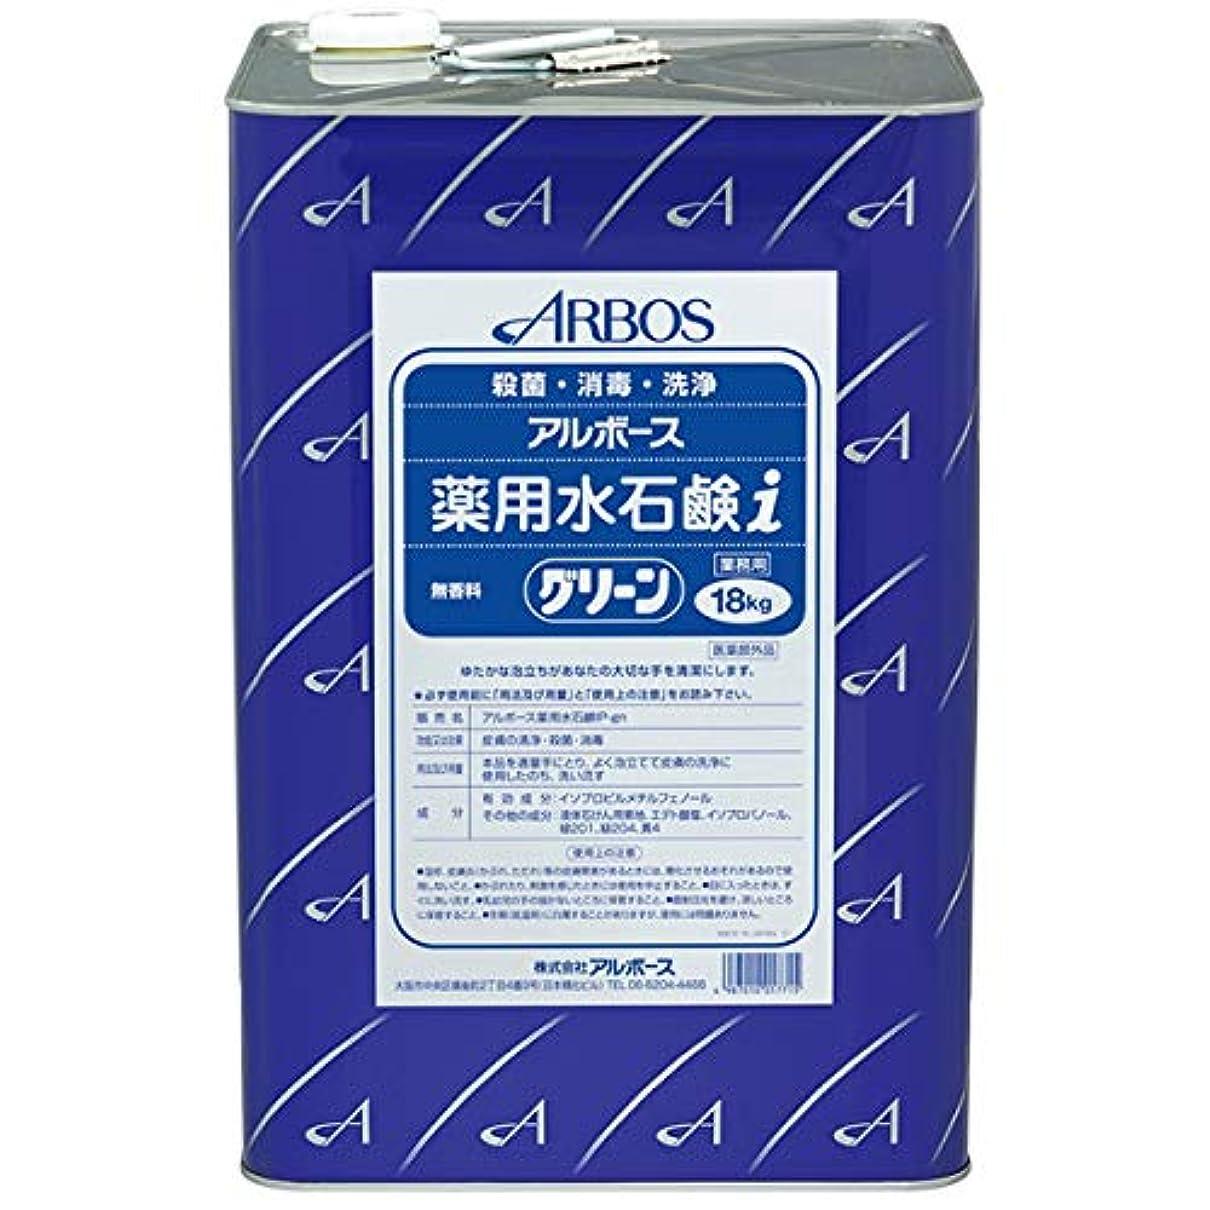 深める悔い改めキッチン【清潔キレイ館】アルボース薬用水石鹸グリーンi(18L)